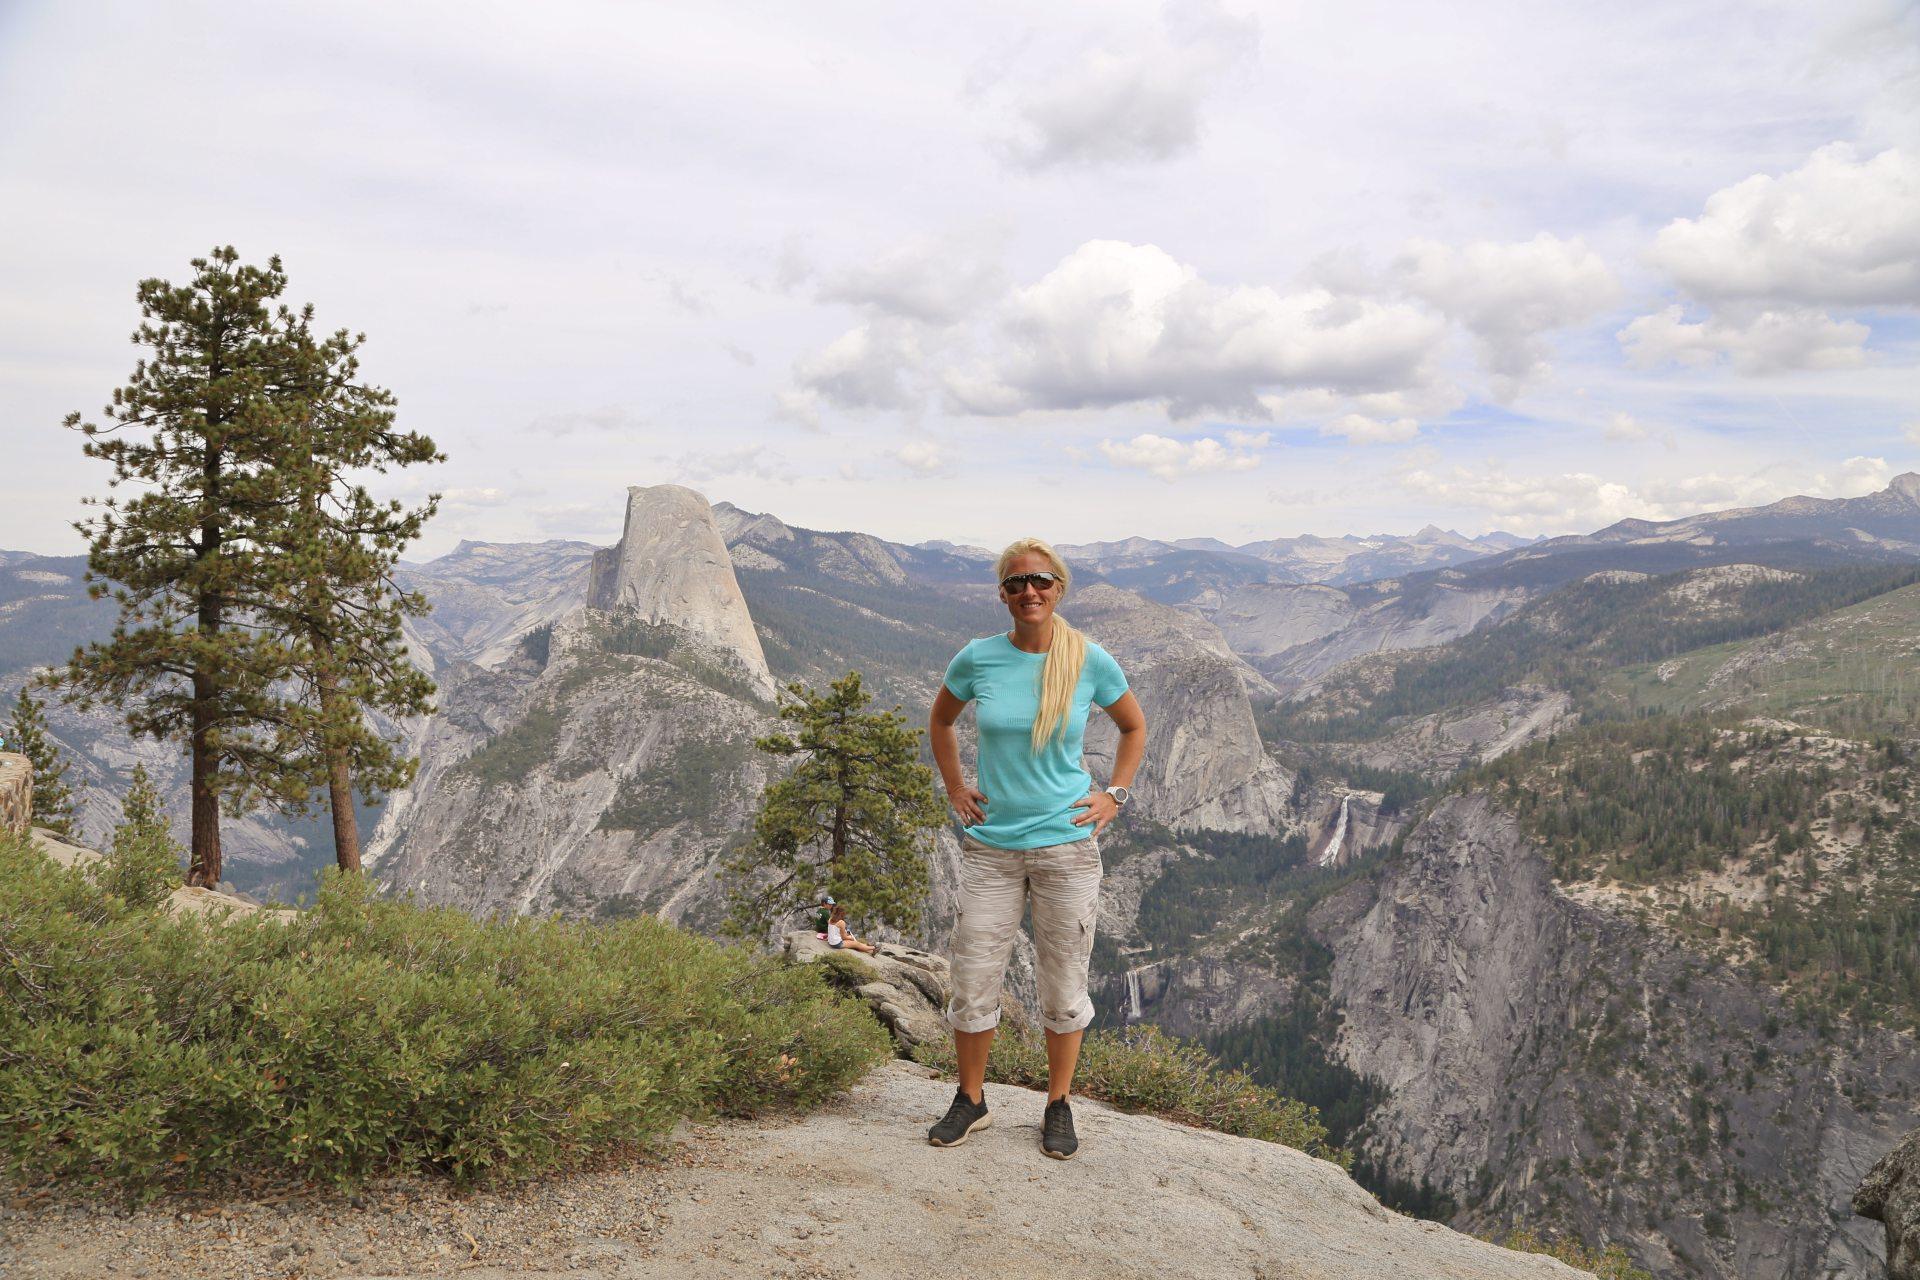 Washburn Point - Ausblick, Aussicht, Bäume, Blondine, Fernsicht, Himmel, Kalifornien, Landschaft, malerisch, Natur, Nevada Fall, Panorama, Personen, Portrait, Porträt, Sträucher, traumhaft, Vernal Falls, Washburn Point, Wasserfälle, Wolken - HOFBAUER-HOFMANN Sofia - (Curry Village, Yosemite National Park, California, Vereinigte Staaten)